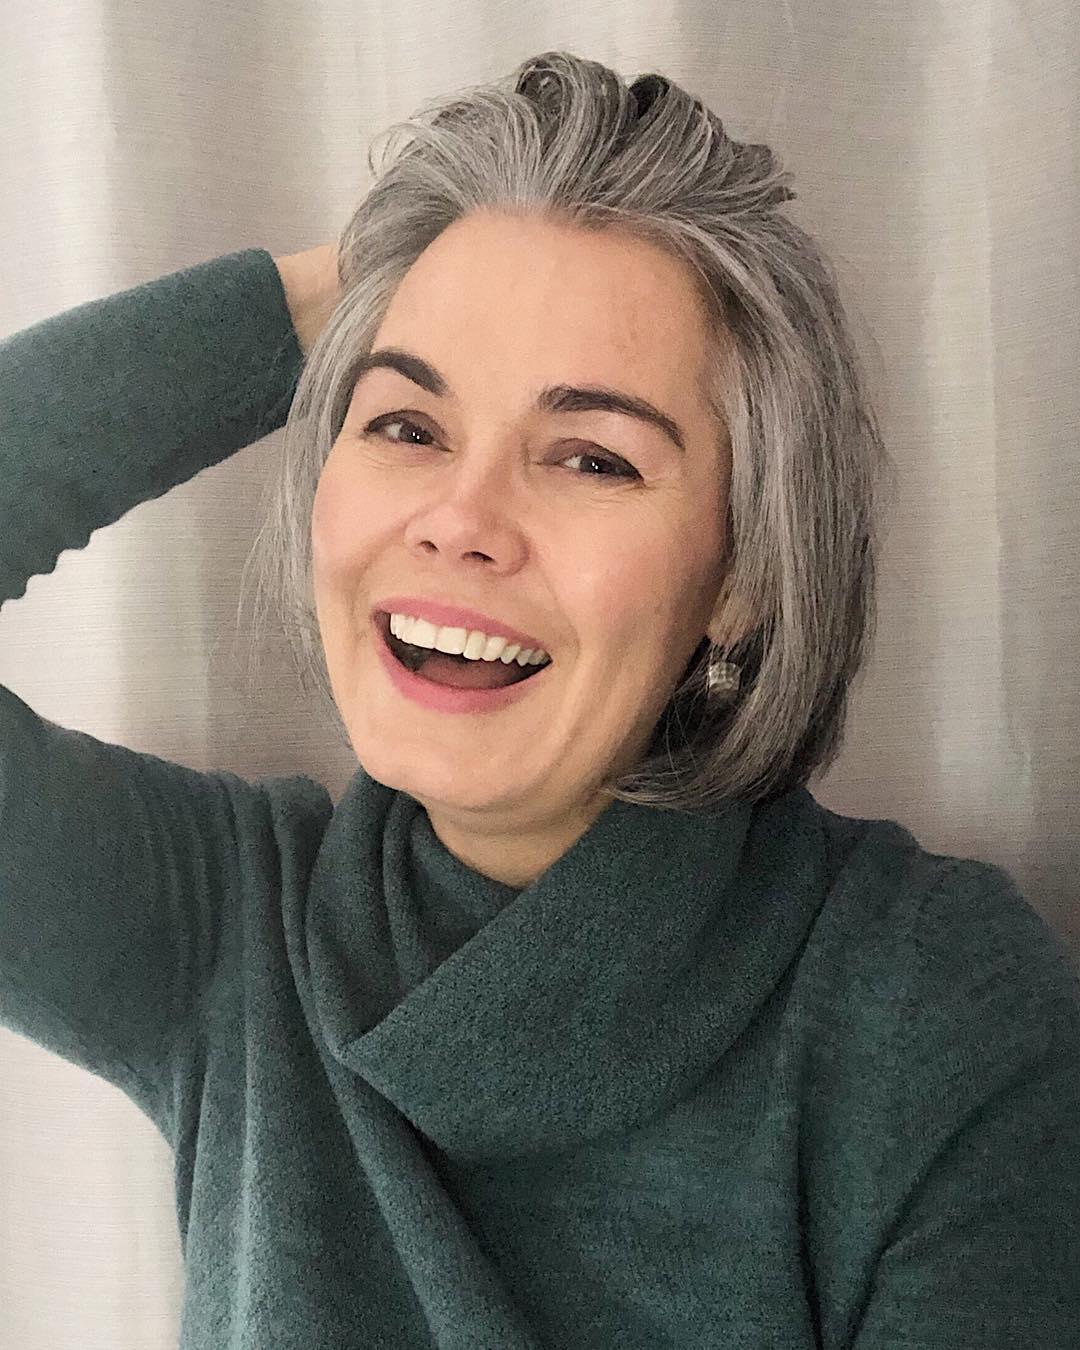 короткие стрижки для пожилых женщин фото 9